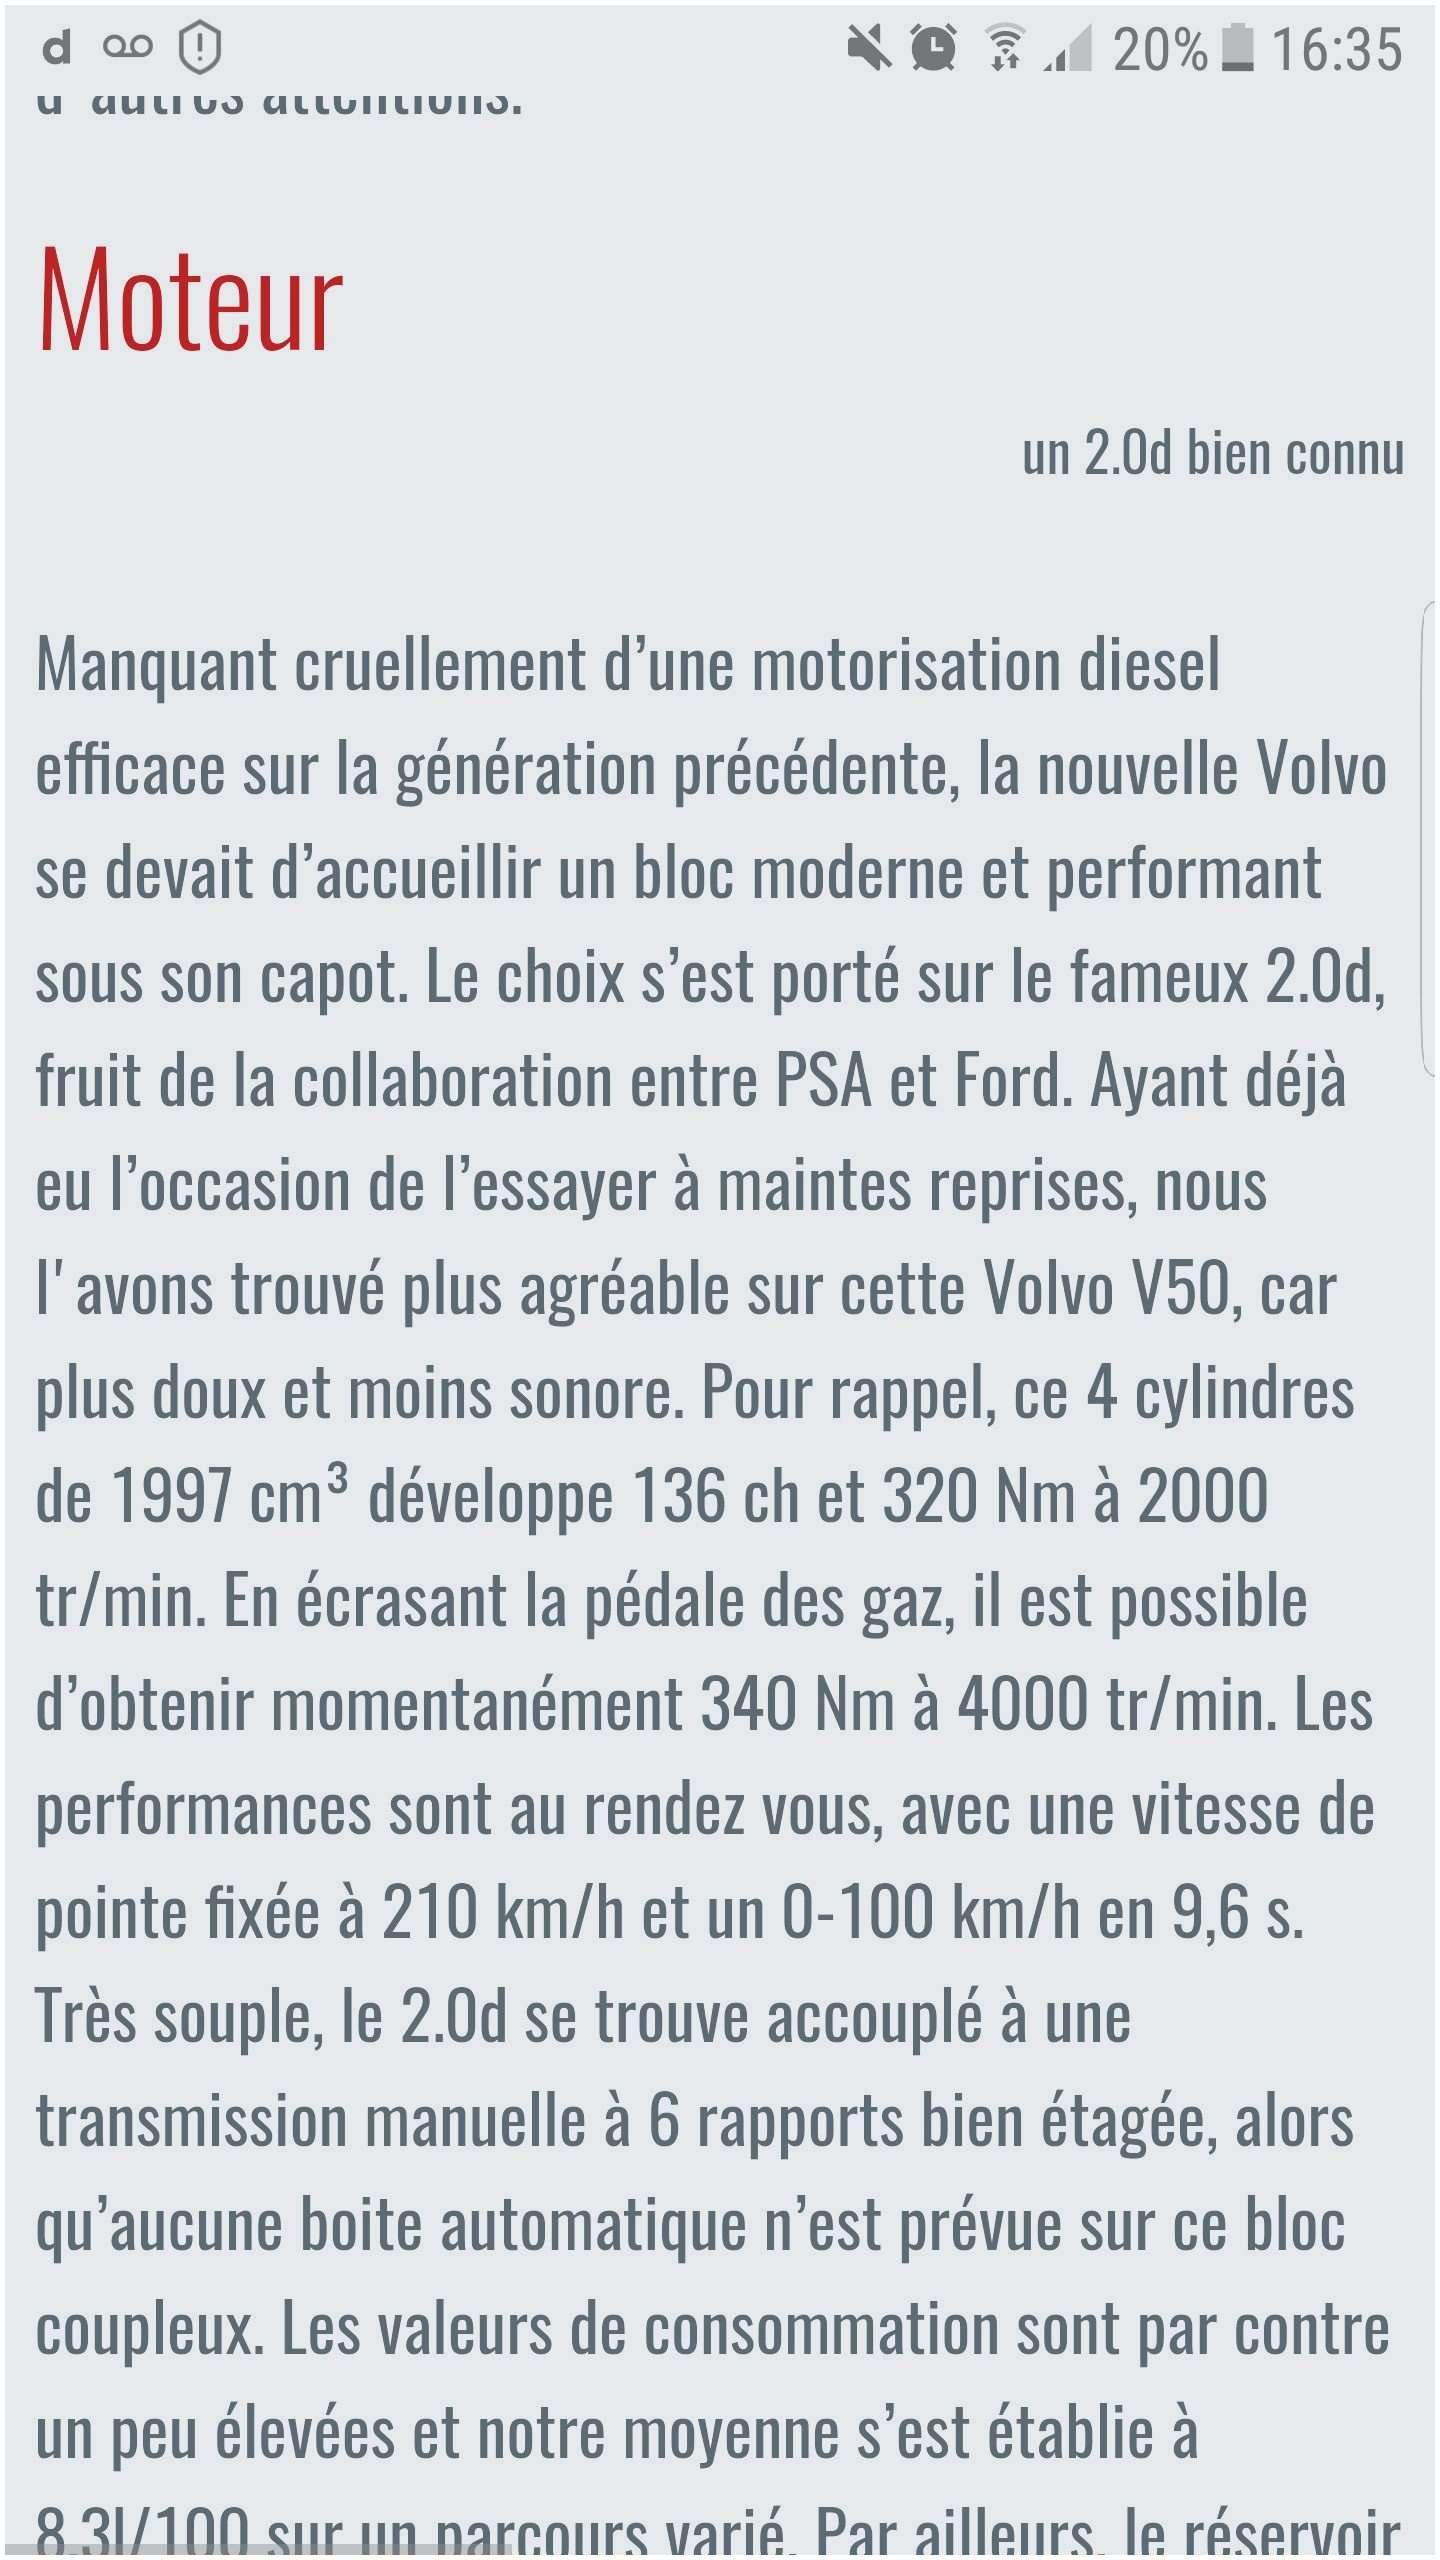 Couette Pour Lit 160×200 Ikea Inspirant Beau Housse Couette Manga Pour Sélection Drap Housse 160×200 Ikea